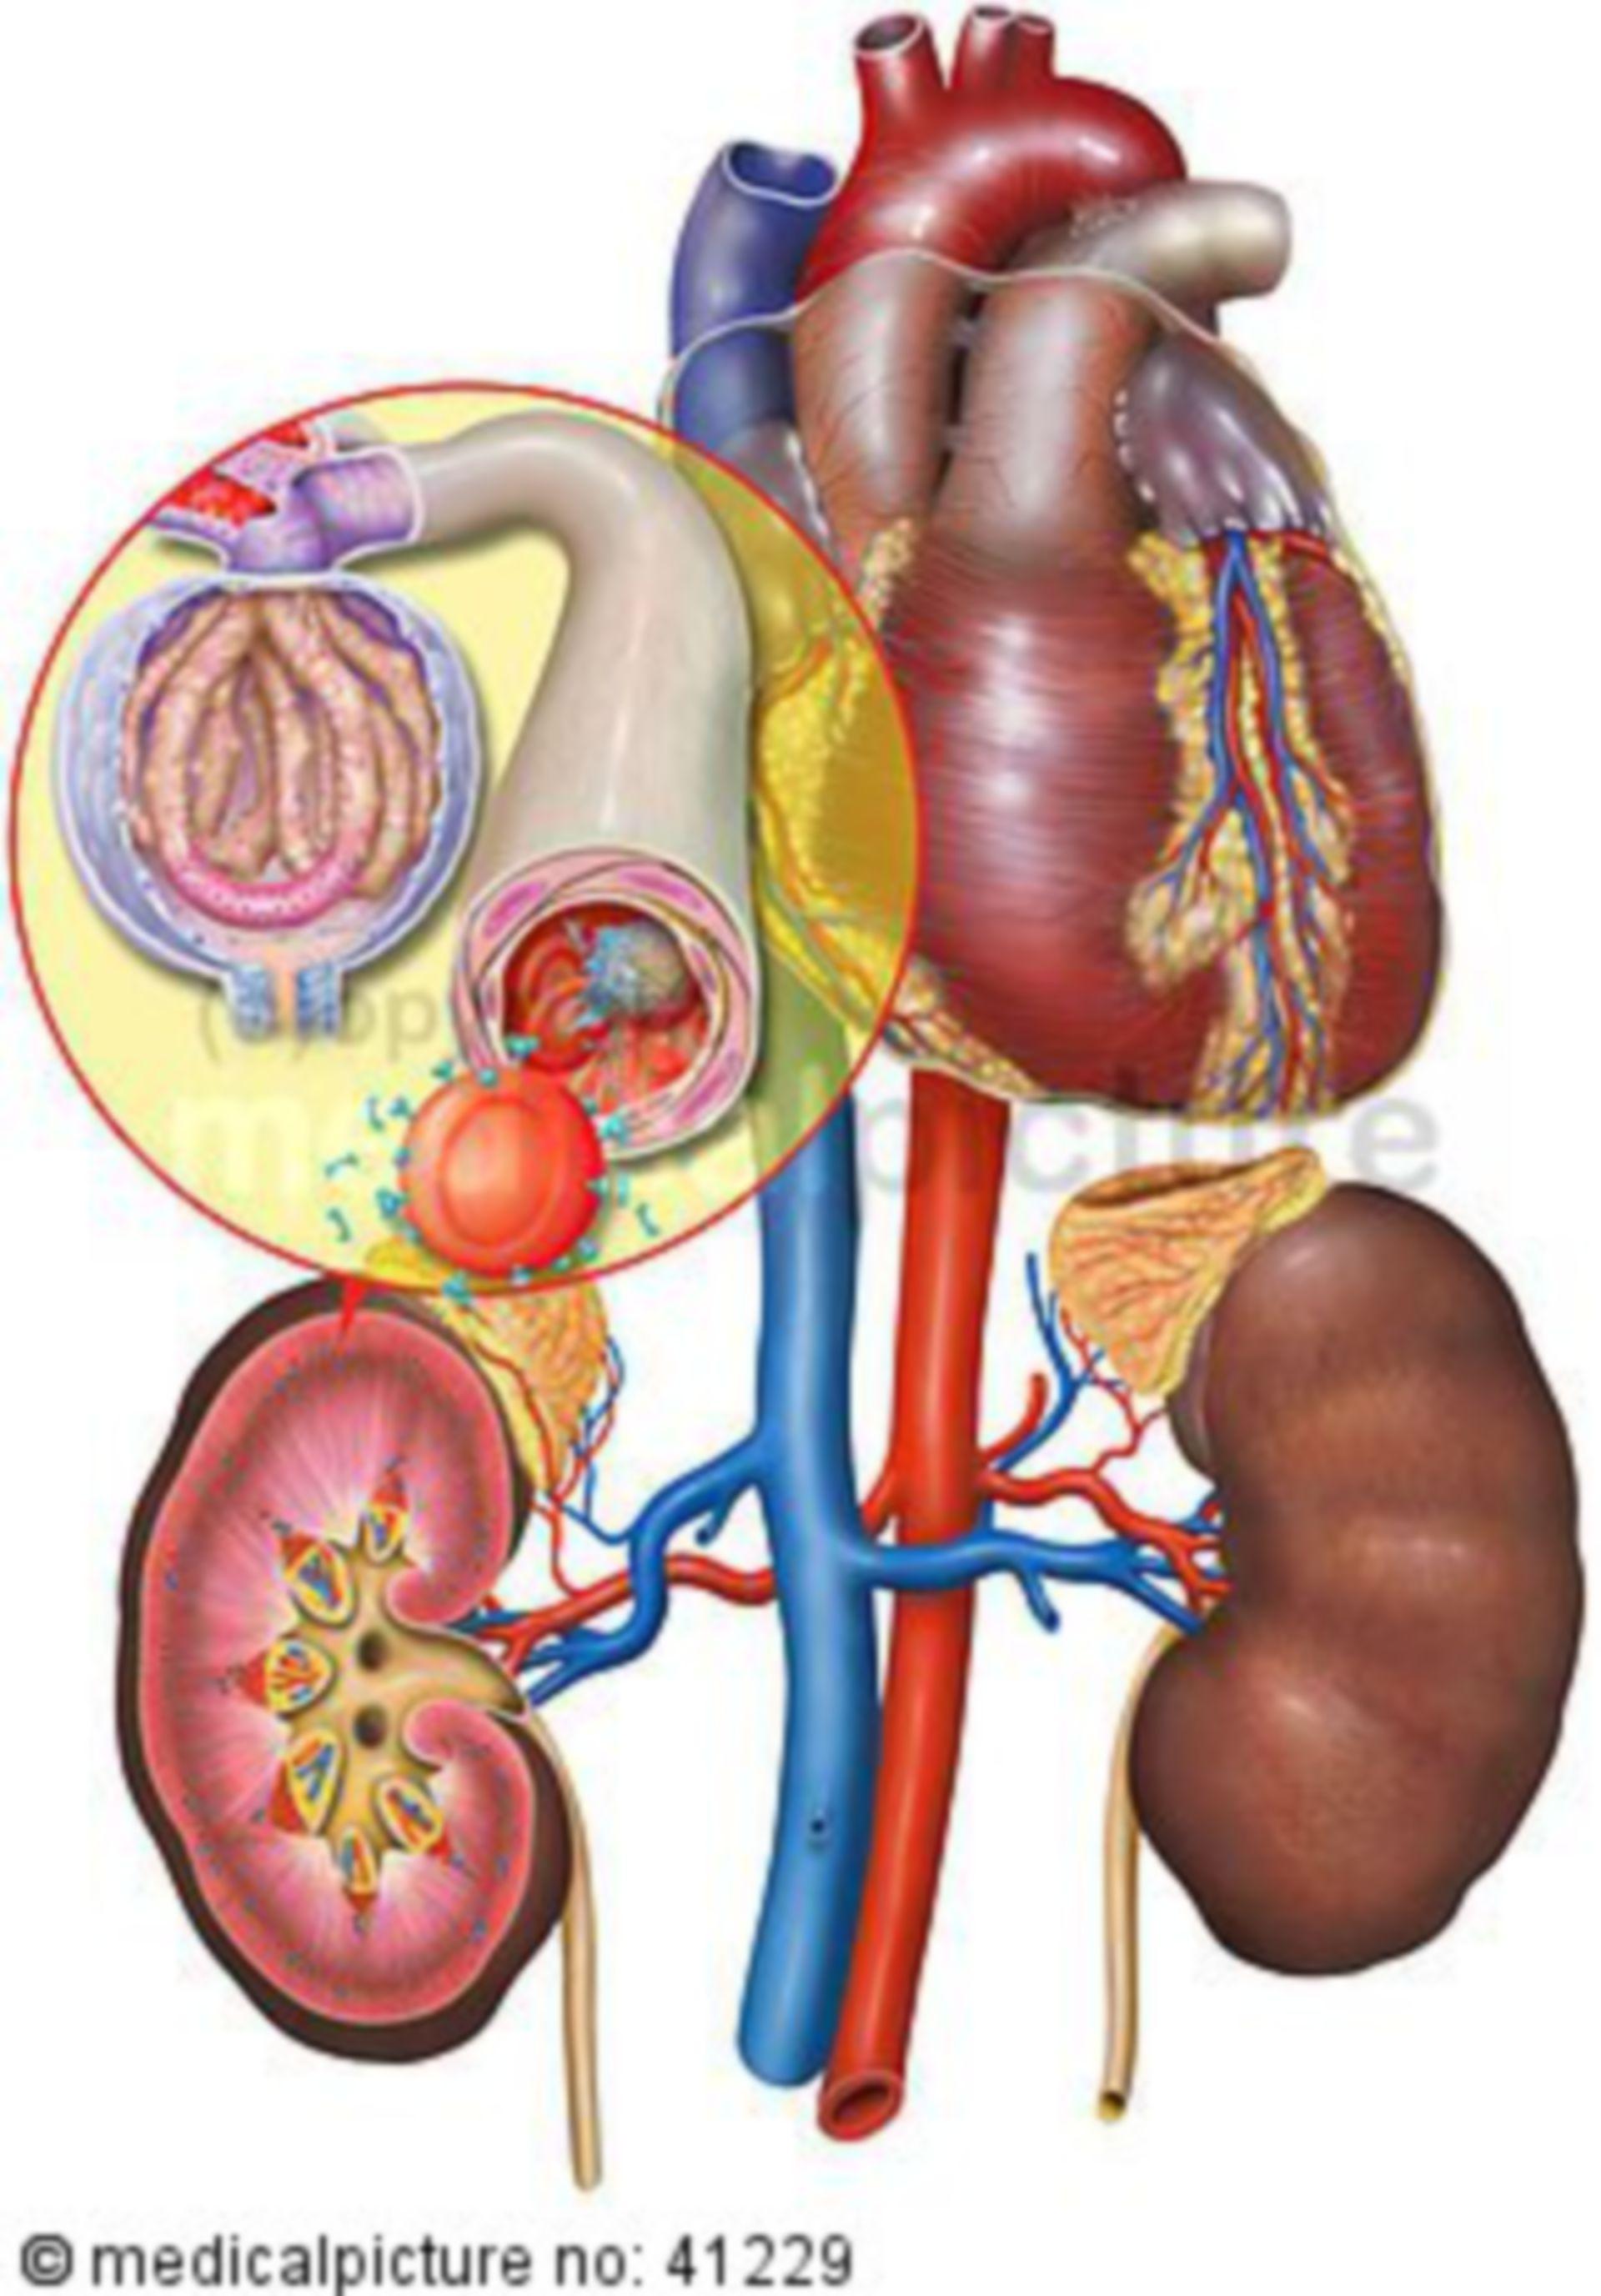 Harnwegsinfekt und Entzündung, urinary tract infection, sepsis